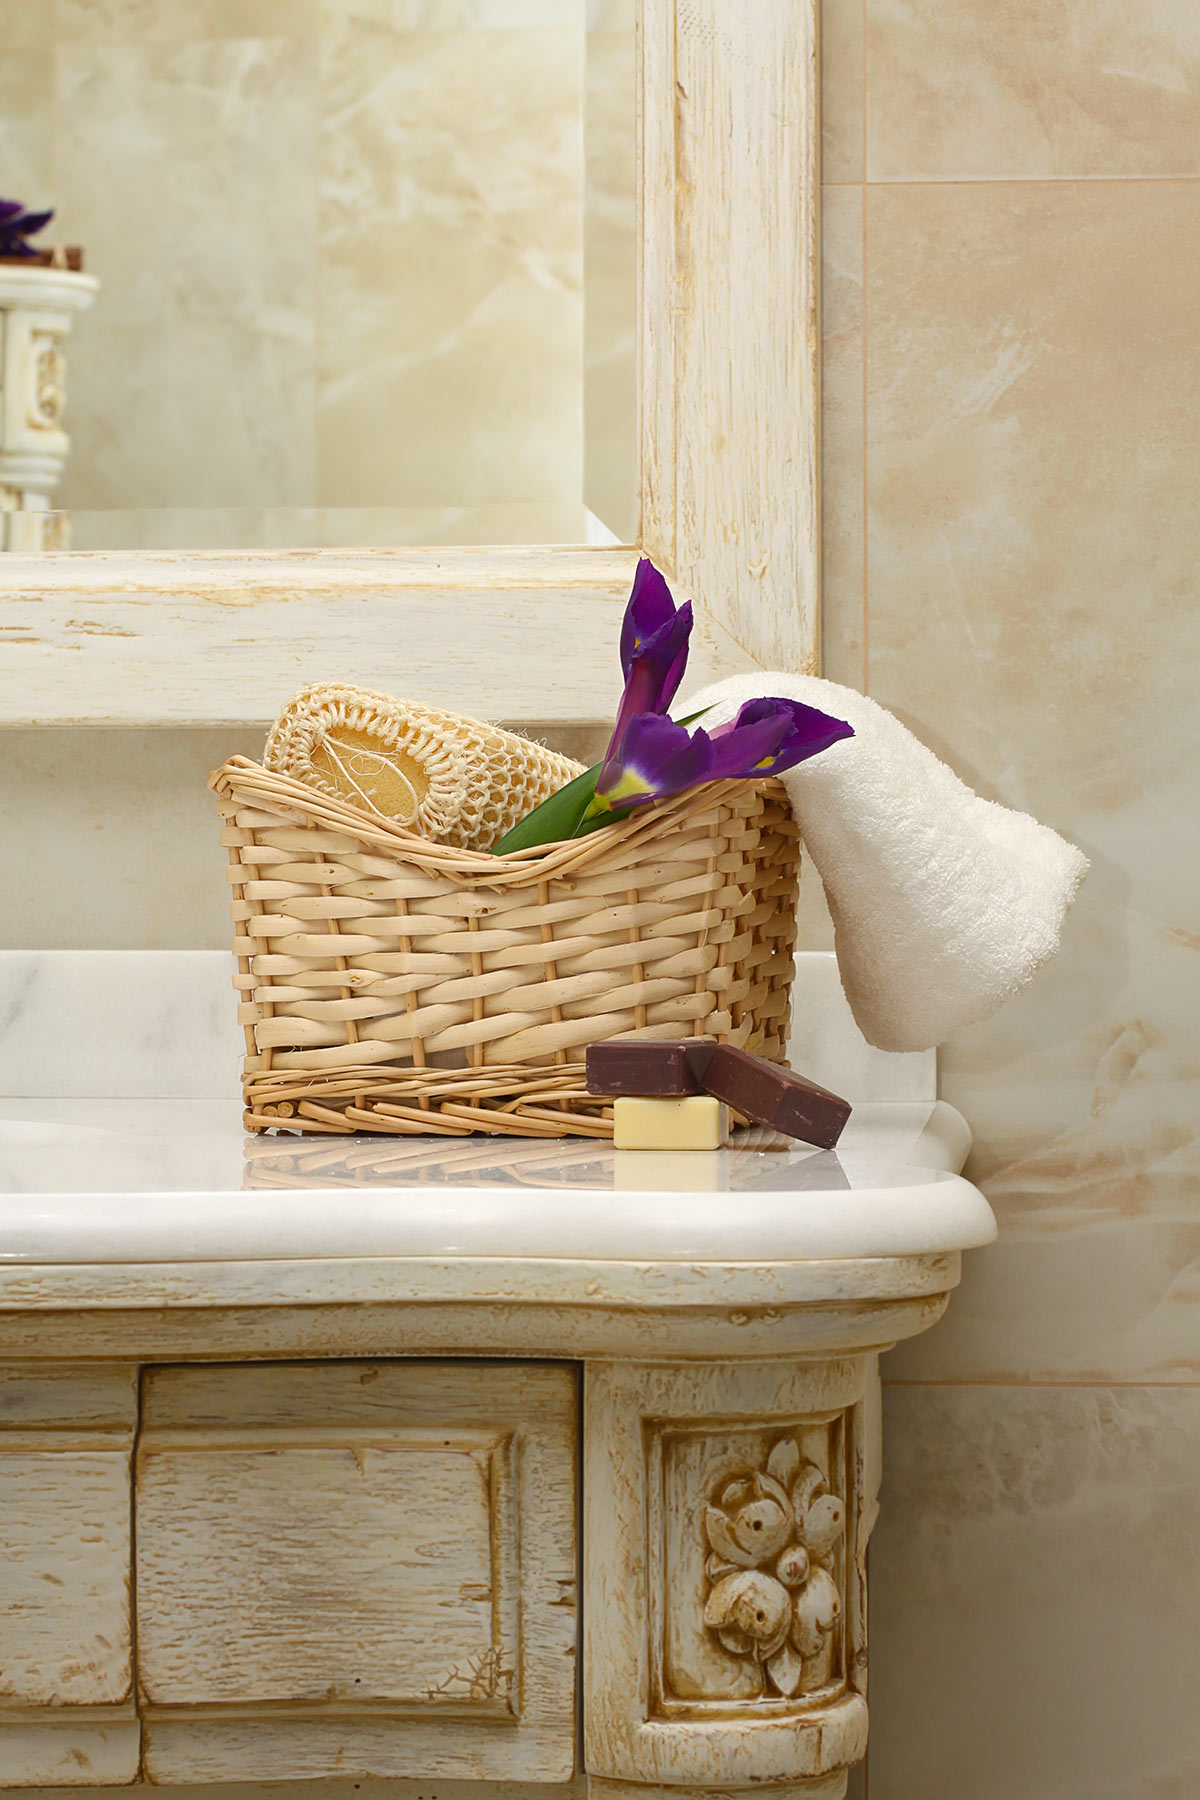 Mobile bagno con un bel cesto in vimini per sistemare saponi e asciugamani.